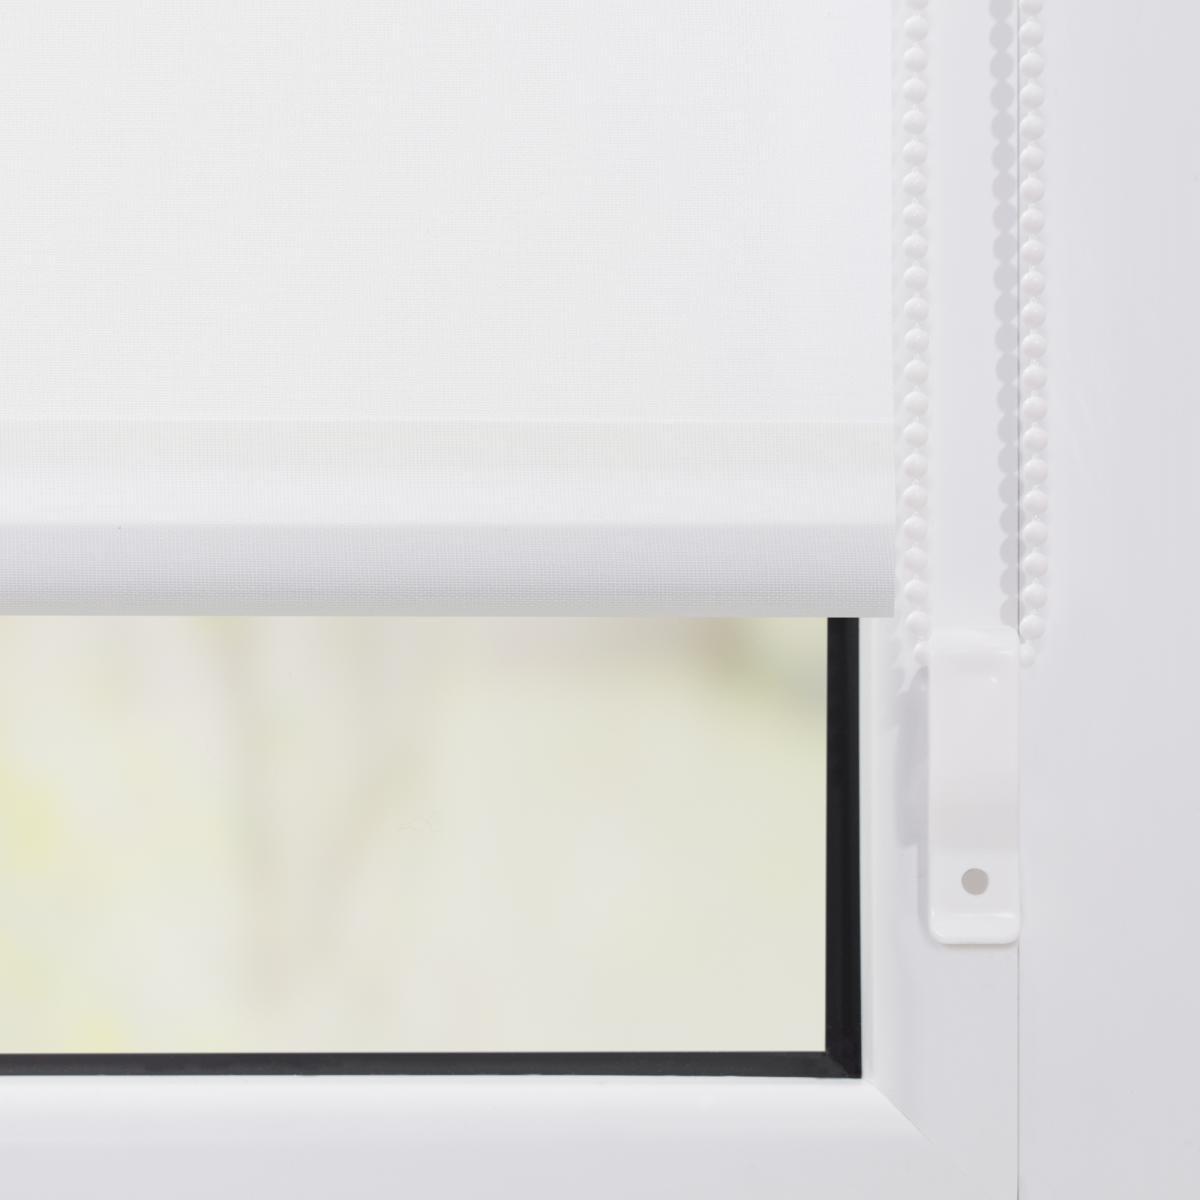 Bild 5 von Lichtblick Rollo Klemmfix, ohne Bohren, blickdicht, Face - Weiß, 60 x 150 cm (B x L)